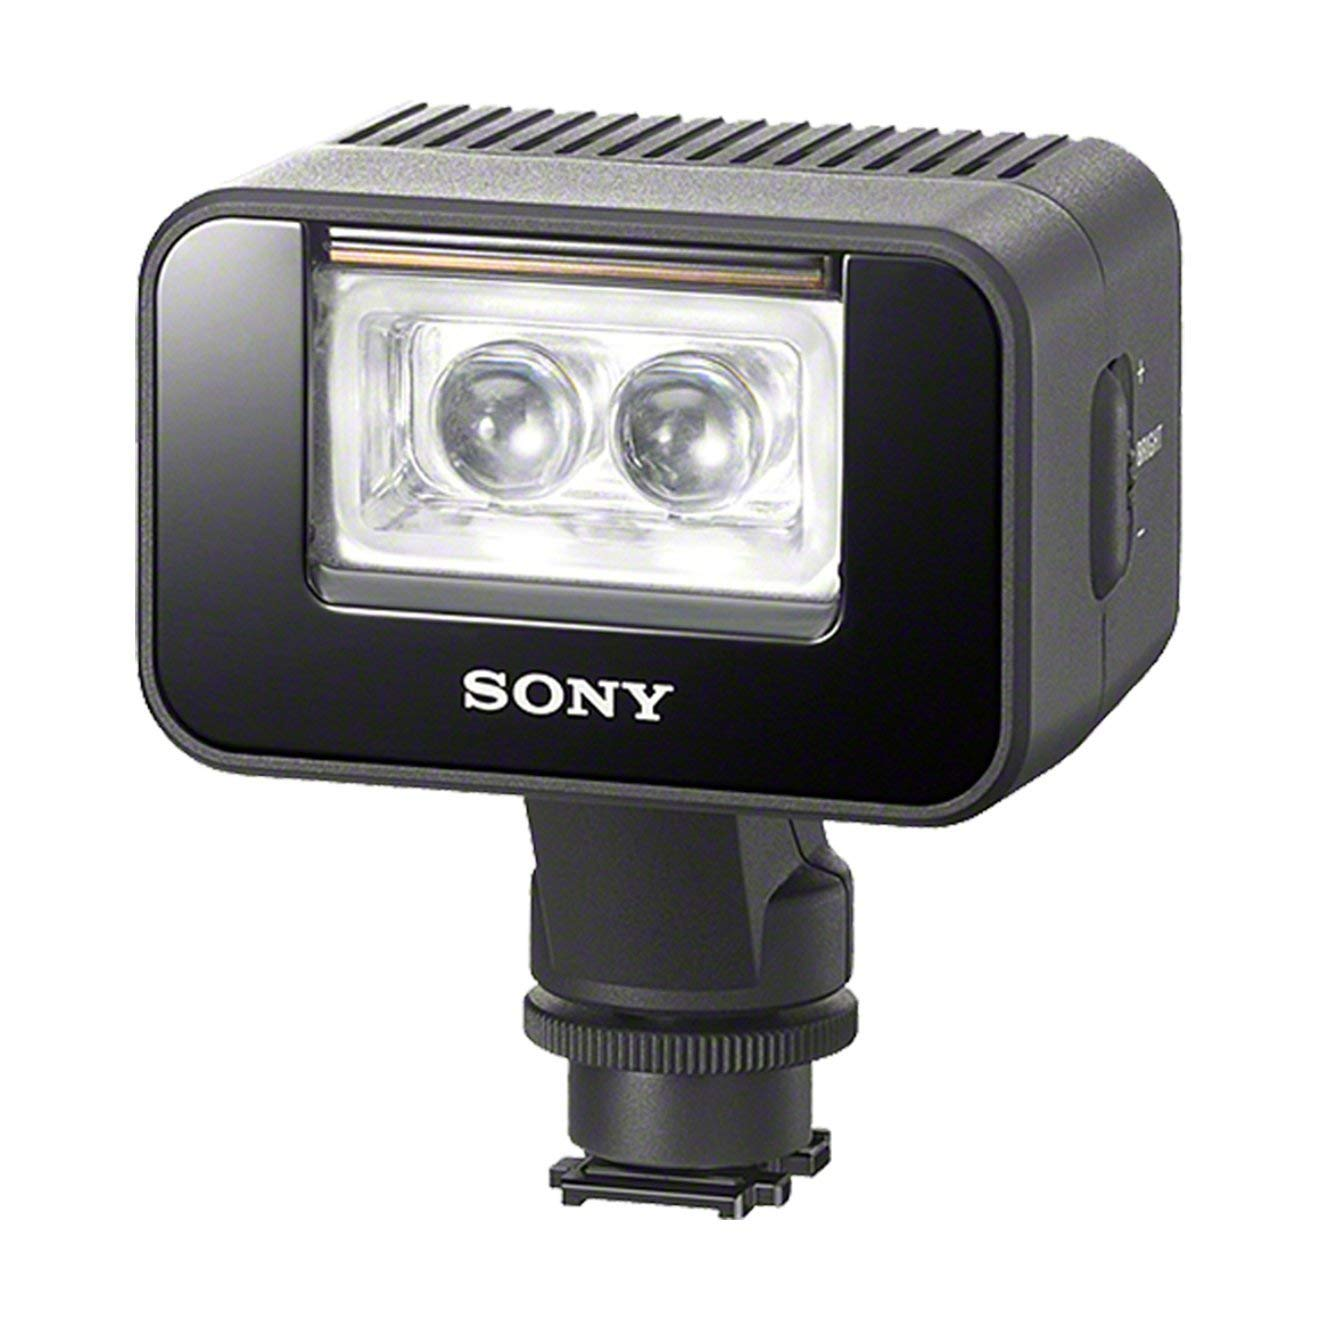 Sony HVL-LEIR1 - Sistema de iluminación continua para fotografía (LED, 1500 lux), color negro